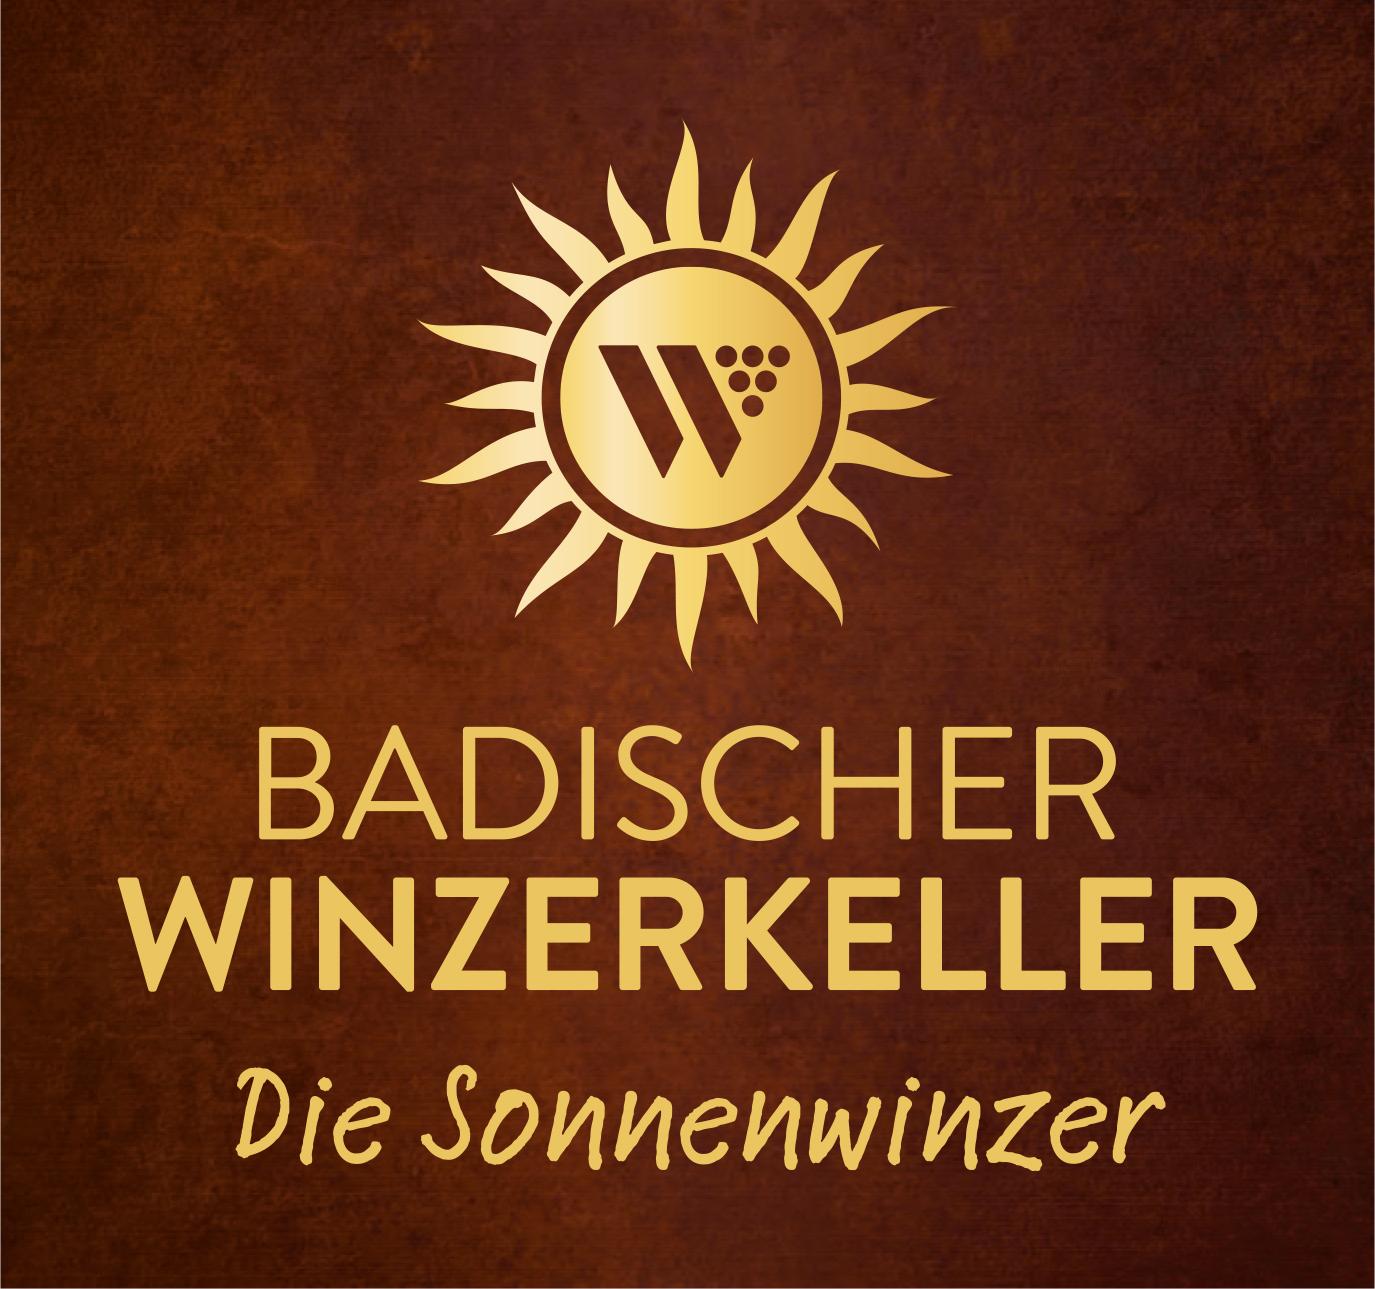 Aus-dem-Hause-der-badischen-SonnenwinzerJGrzPw7b3S3E7